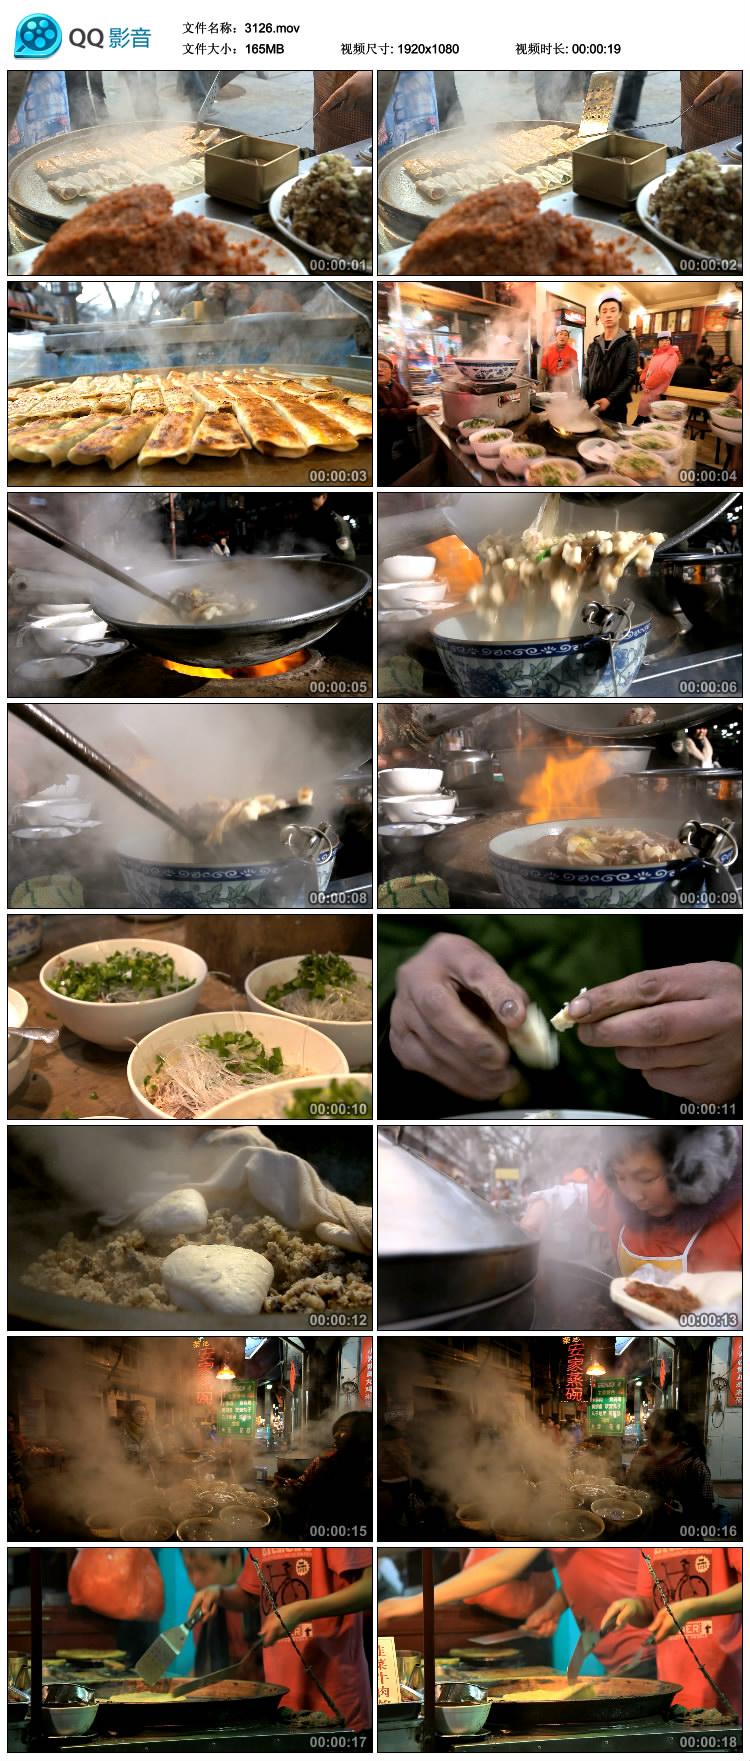 陕西西安美食 地方美味美食 城市风味特色文化高清实拍视频